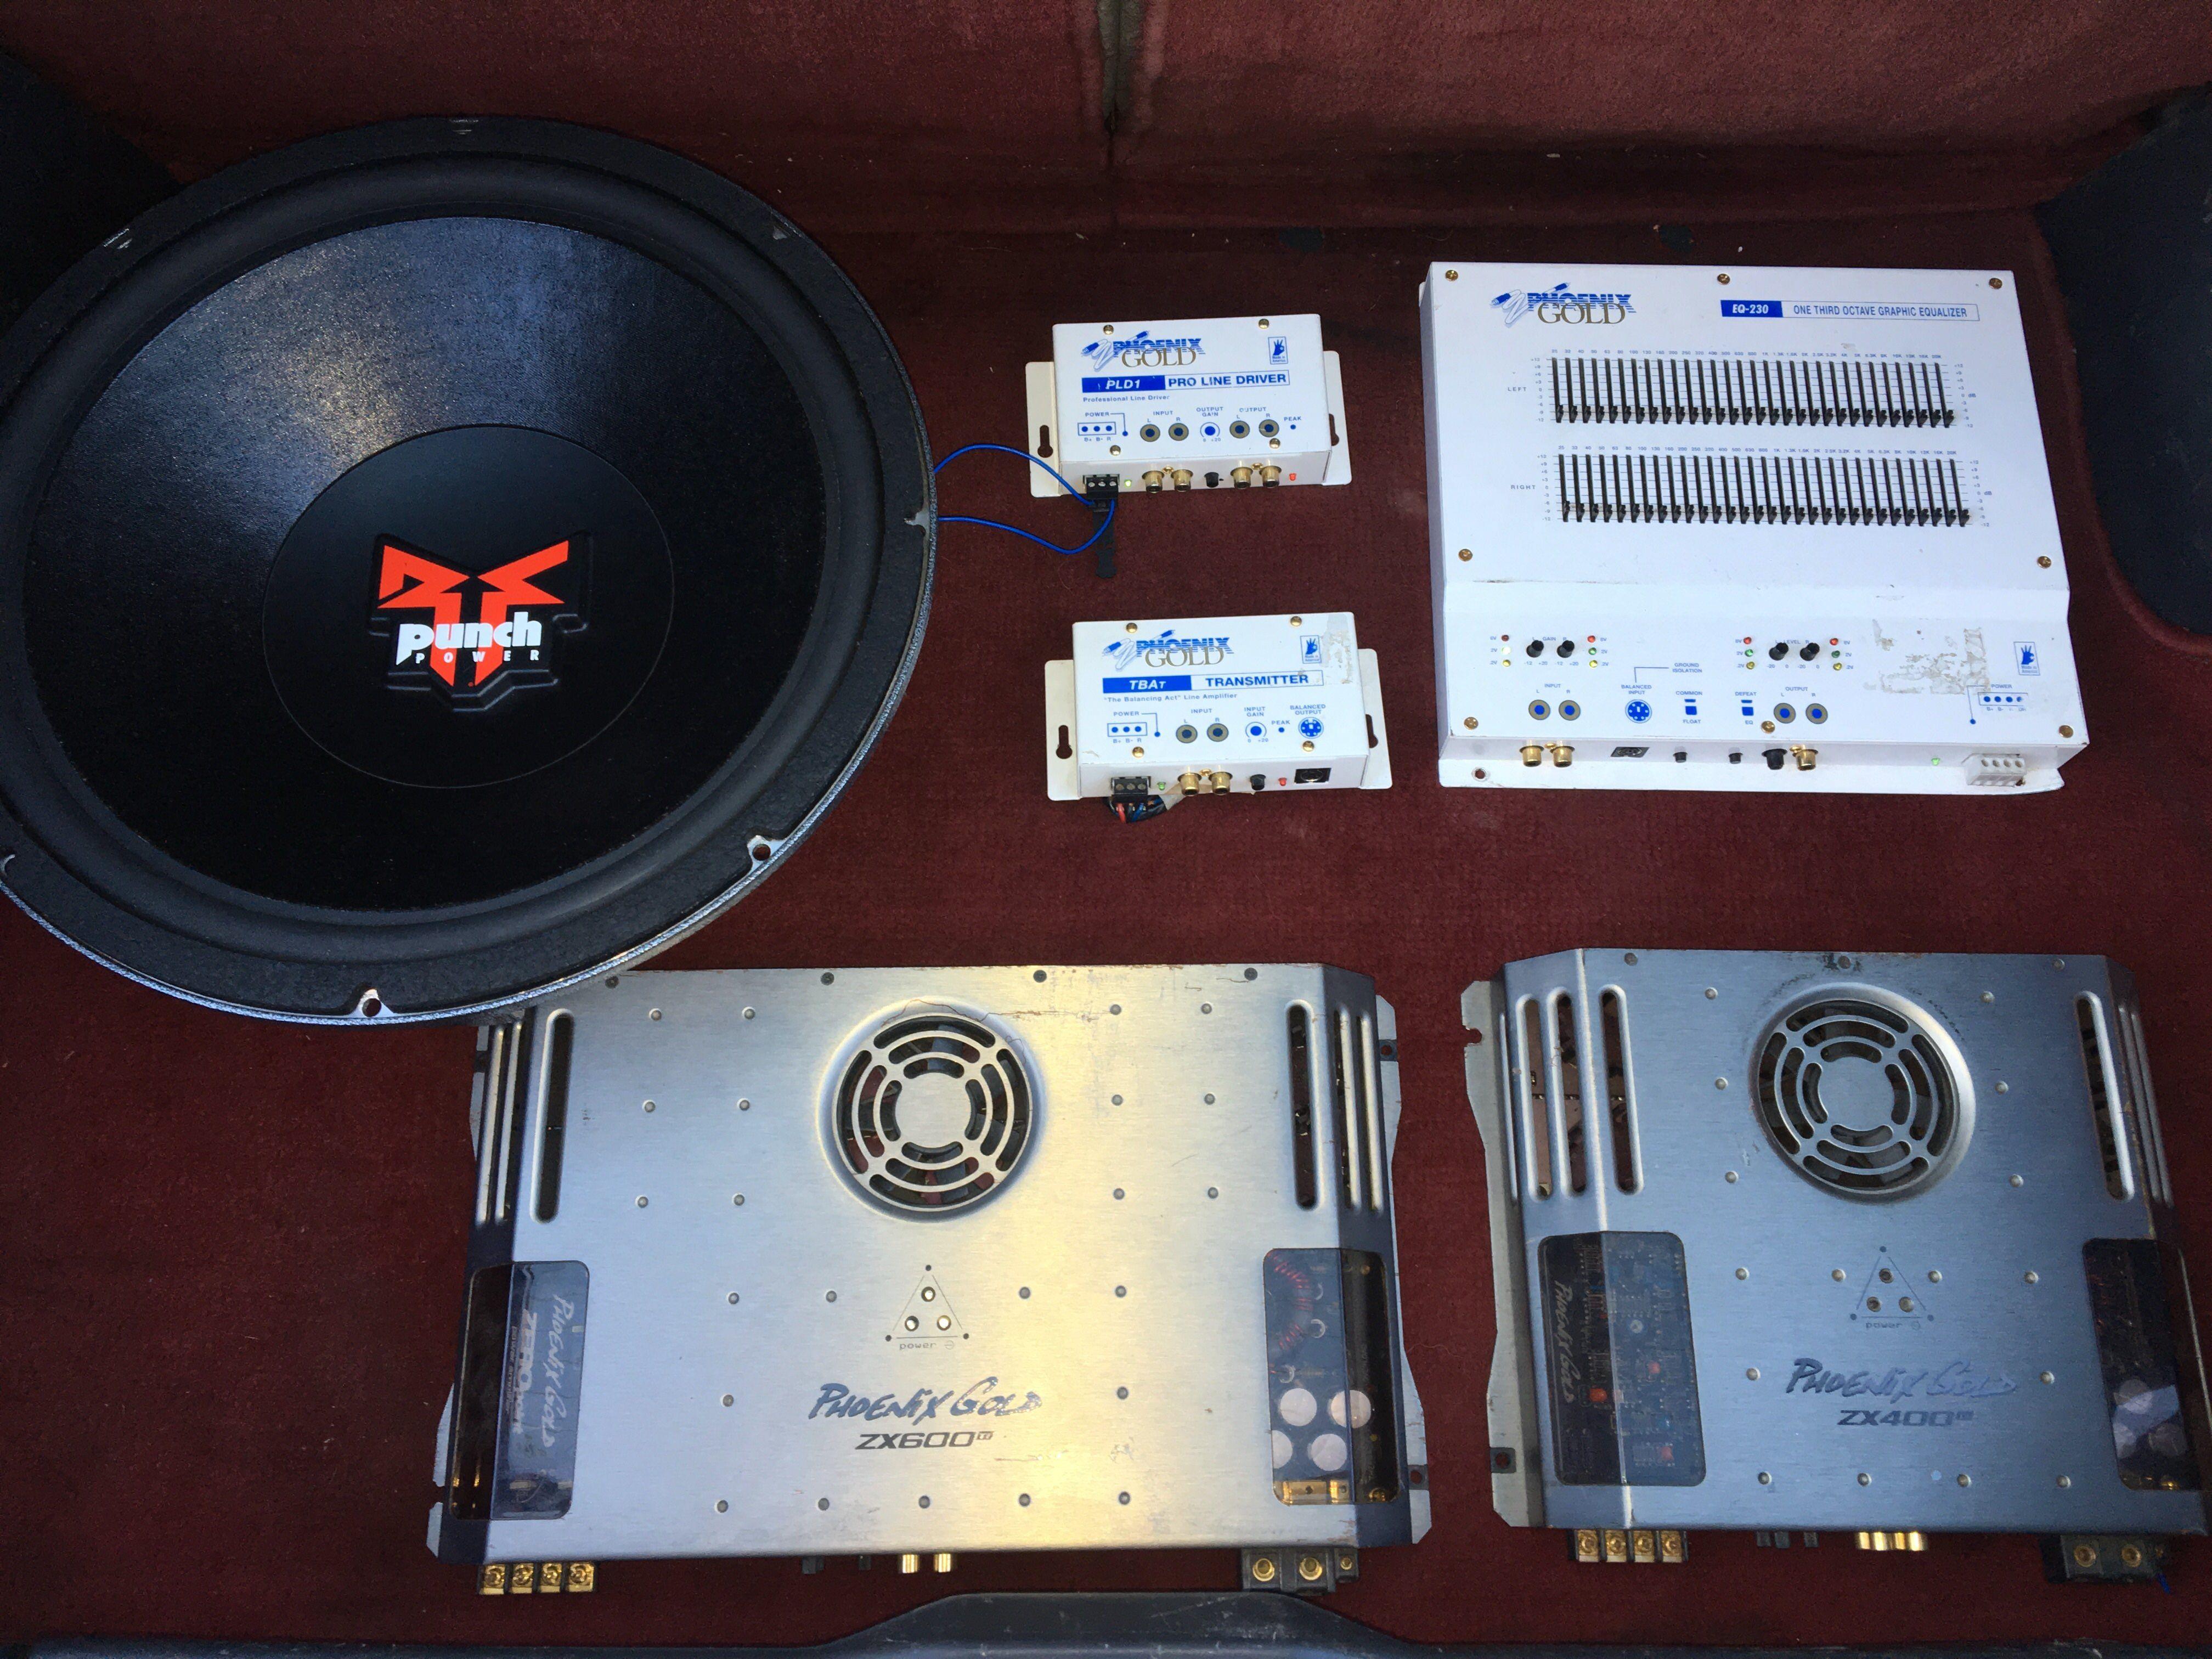 wrg 6242] phoenix gold component speaker wiring diagram Component Speakers 4 Channel Amp Wiring Diagram Phoenix Gold Component Speaker Wiring Diagram #10